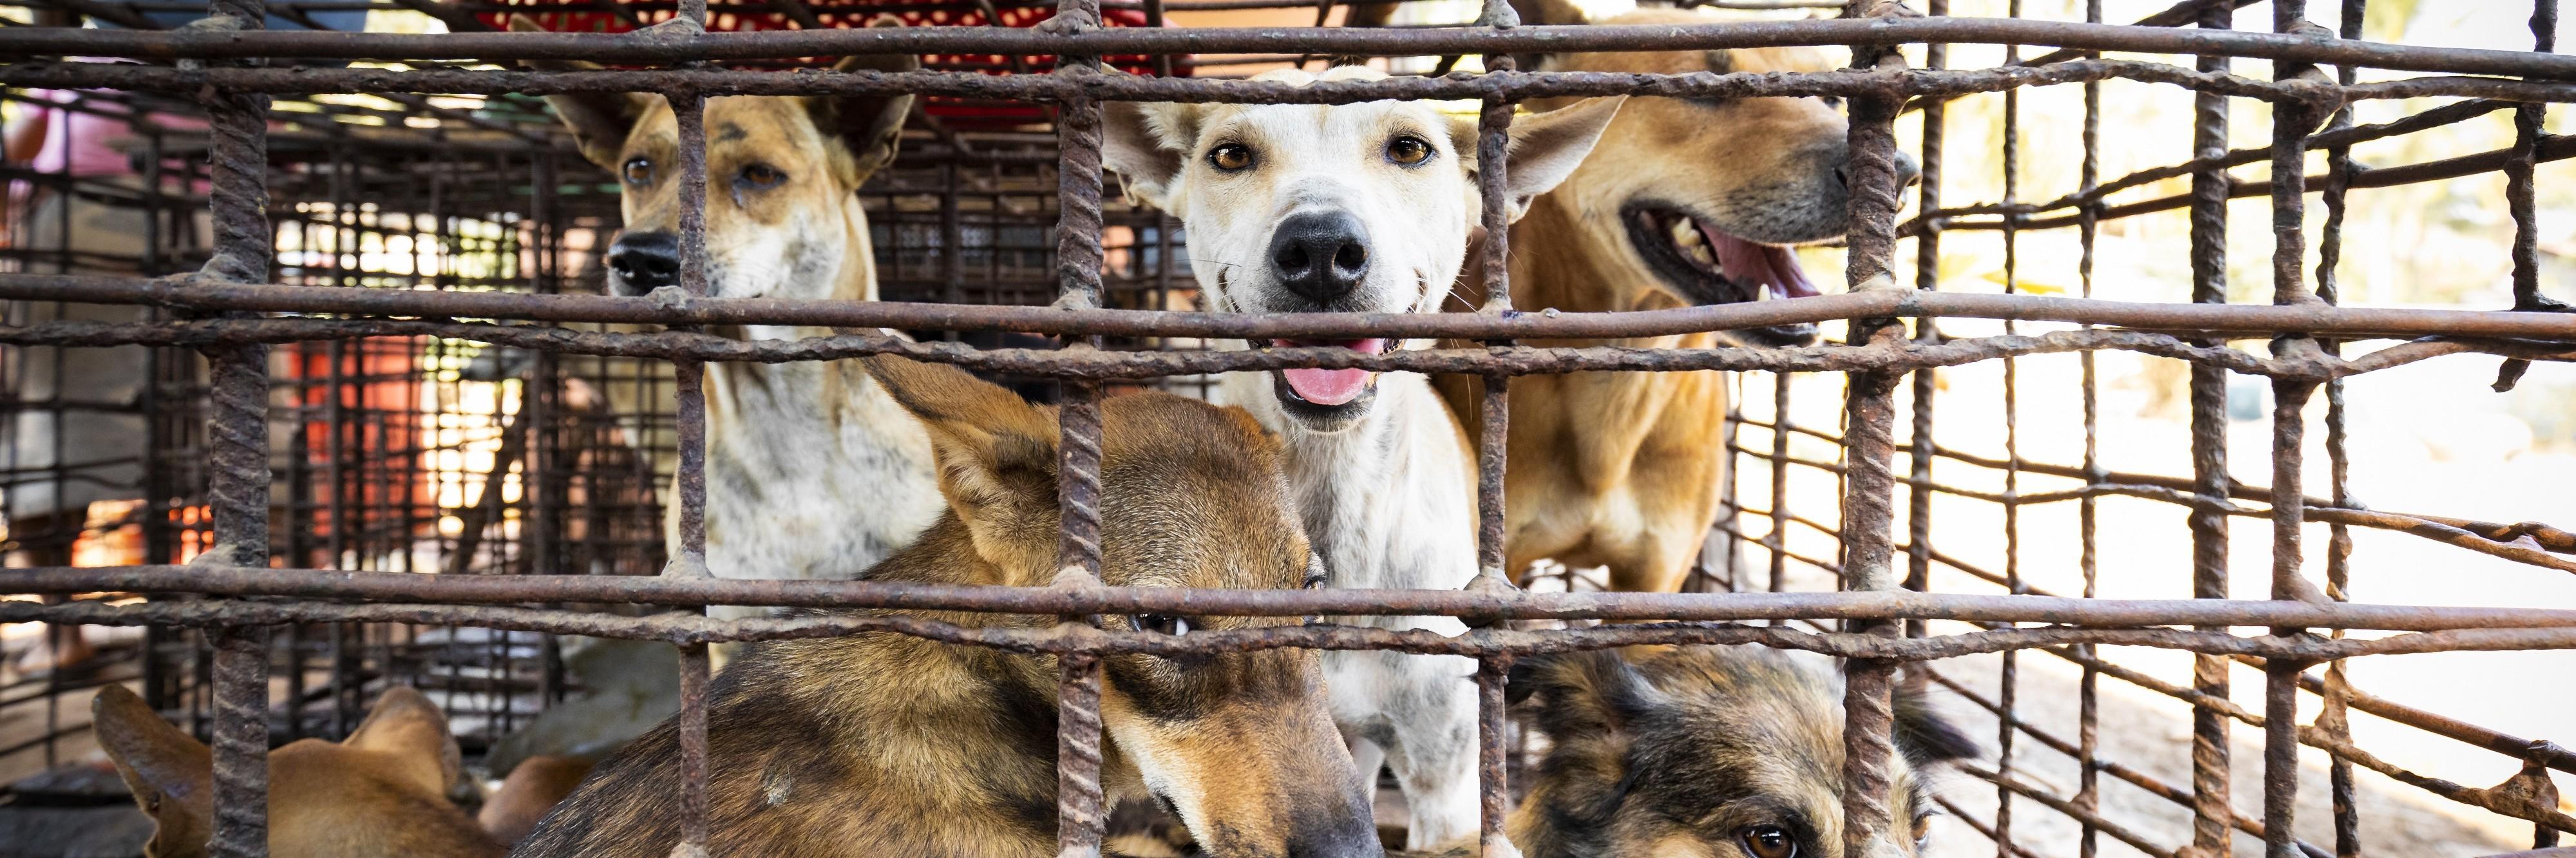 Des chiens dans un abattoir